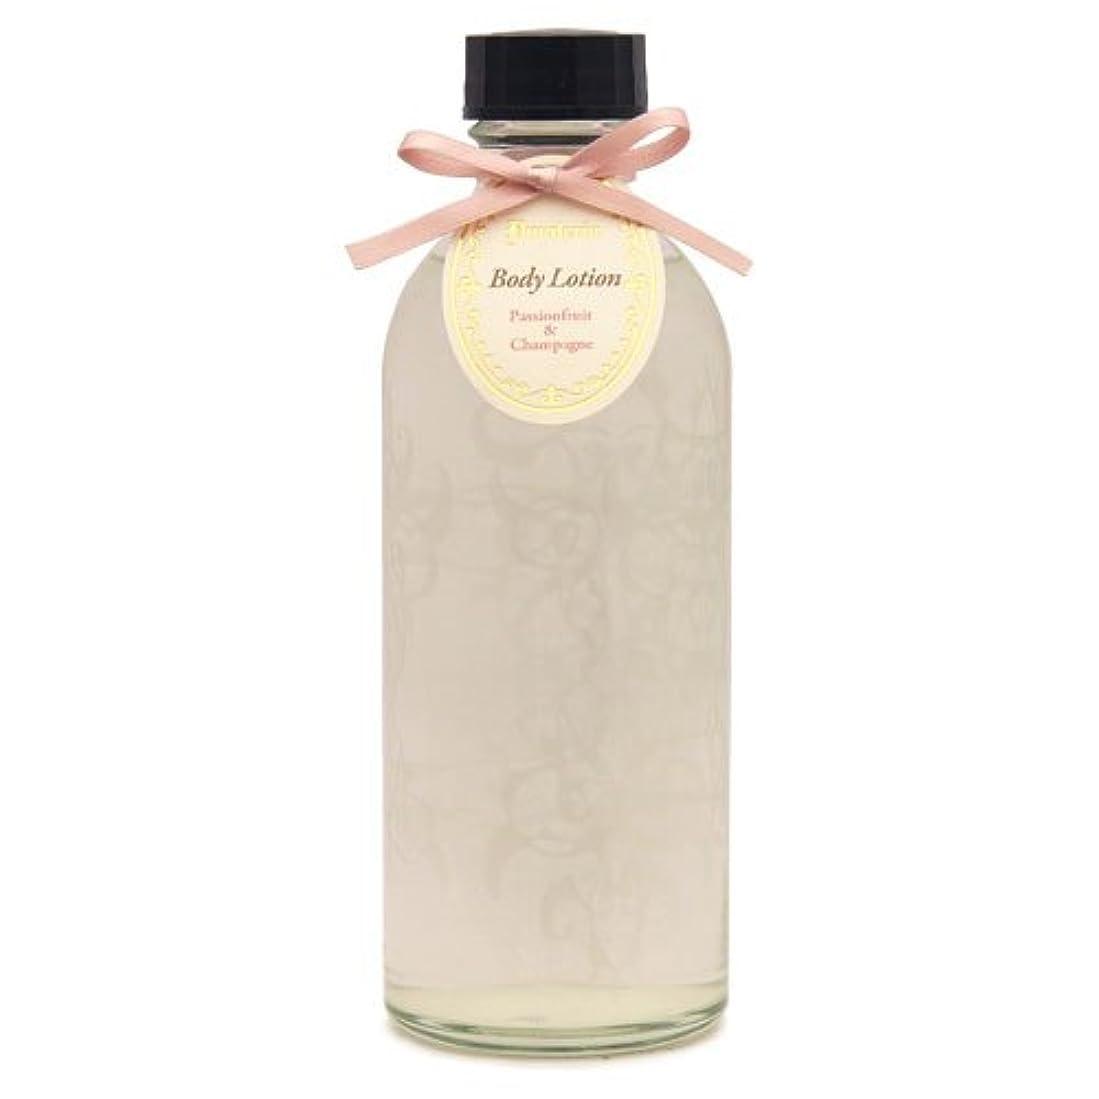 D materia ボディローション パッションフルーツ&シャンパン Passionfruit&Champagne Body Lotion ディーマテリア